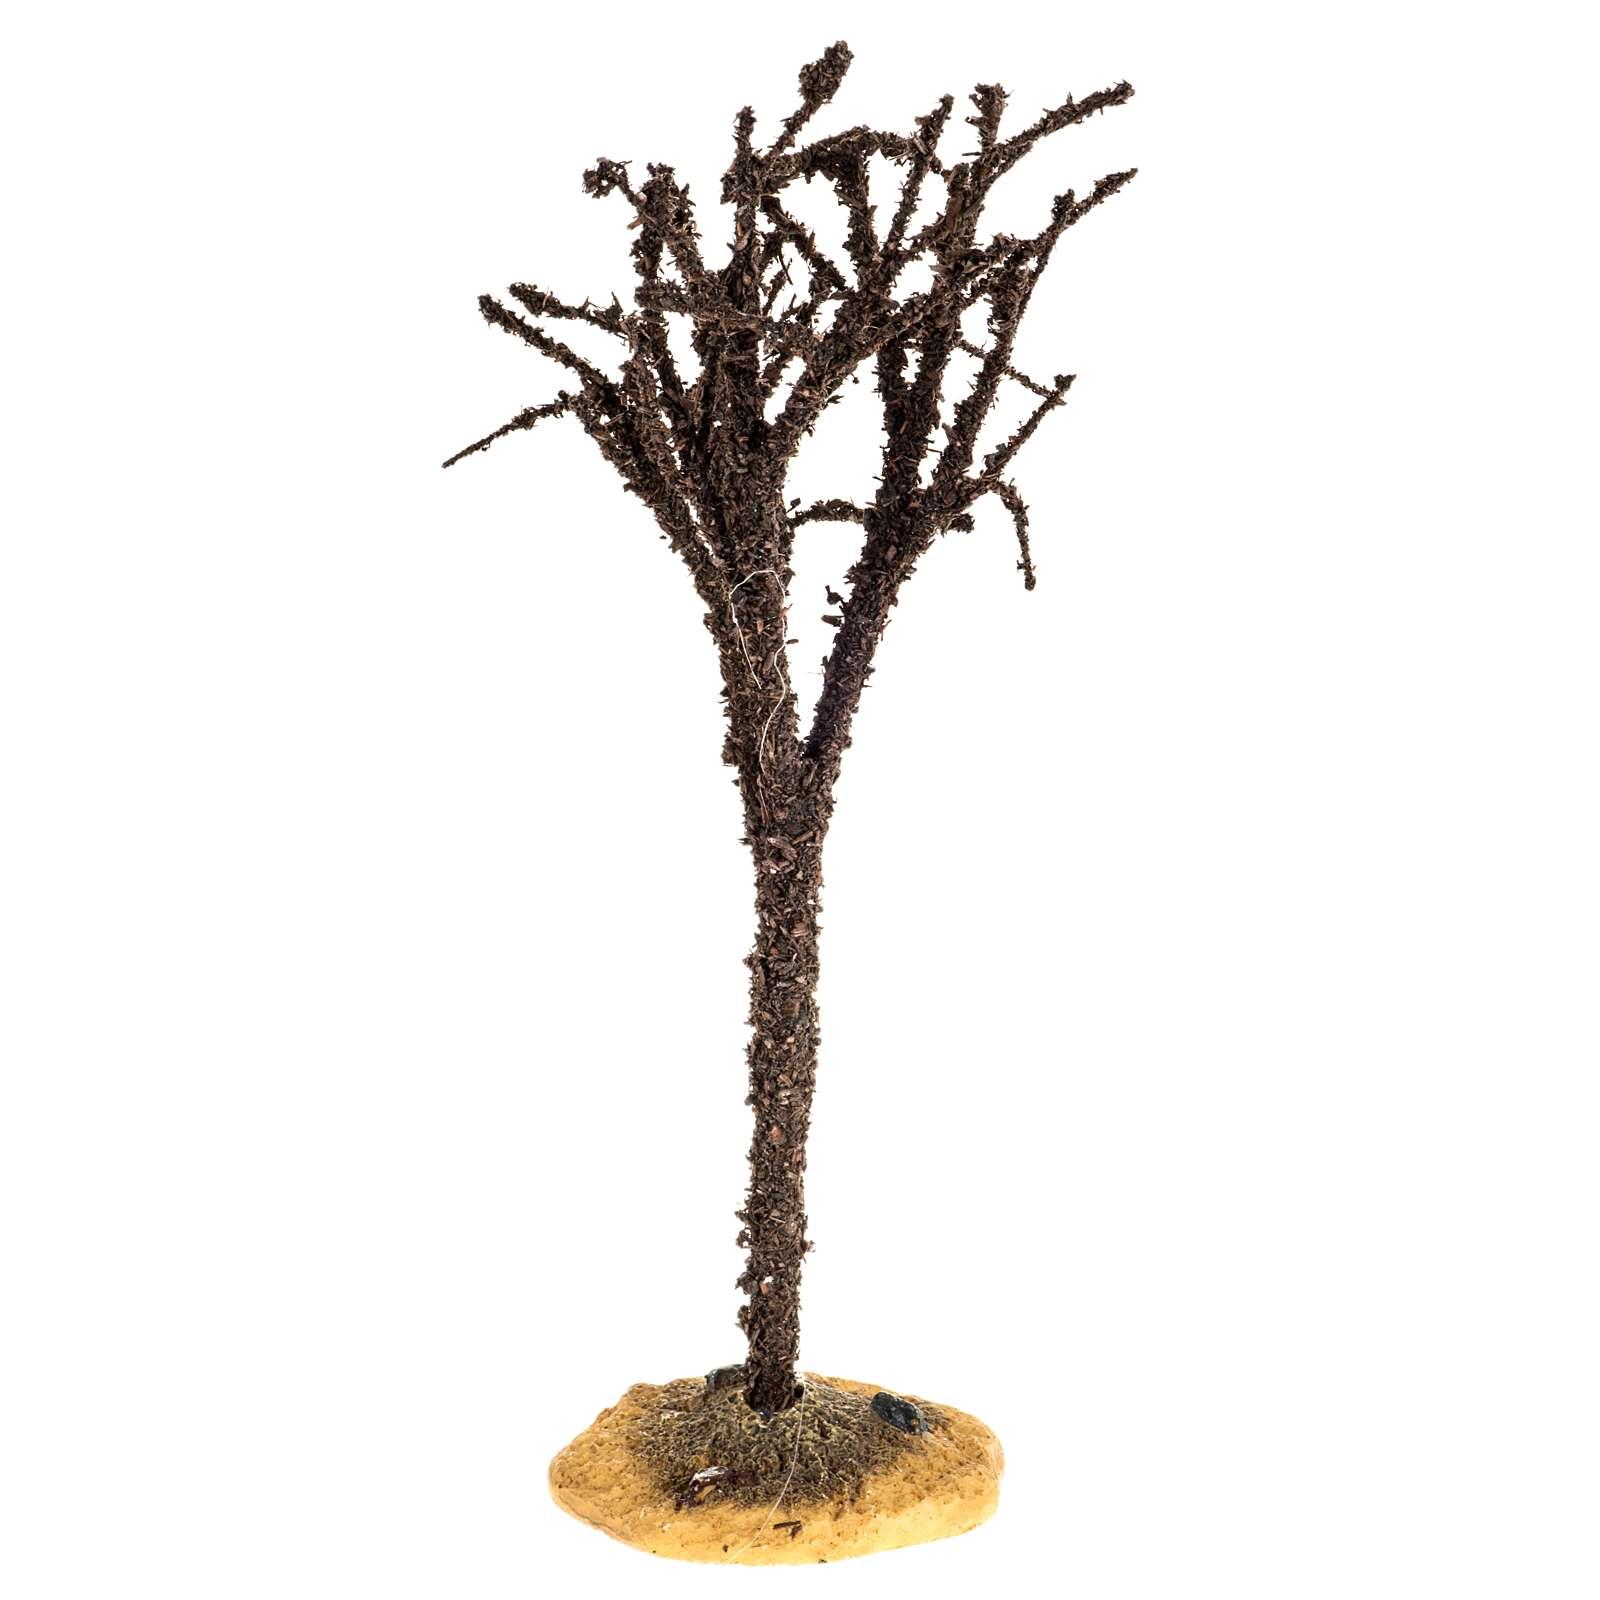 Mini arbre dépouillé h 15 cm 4